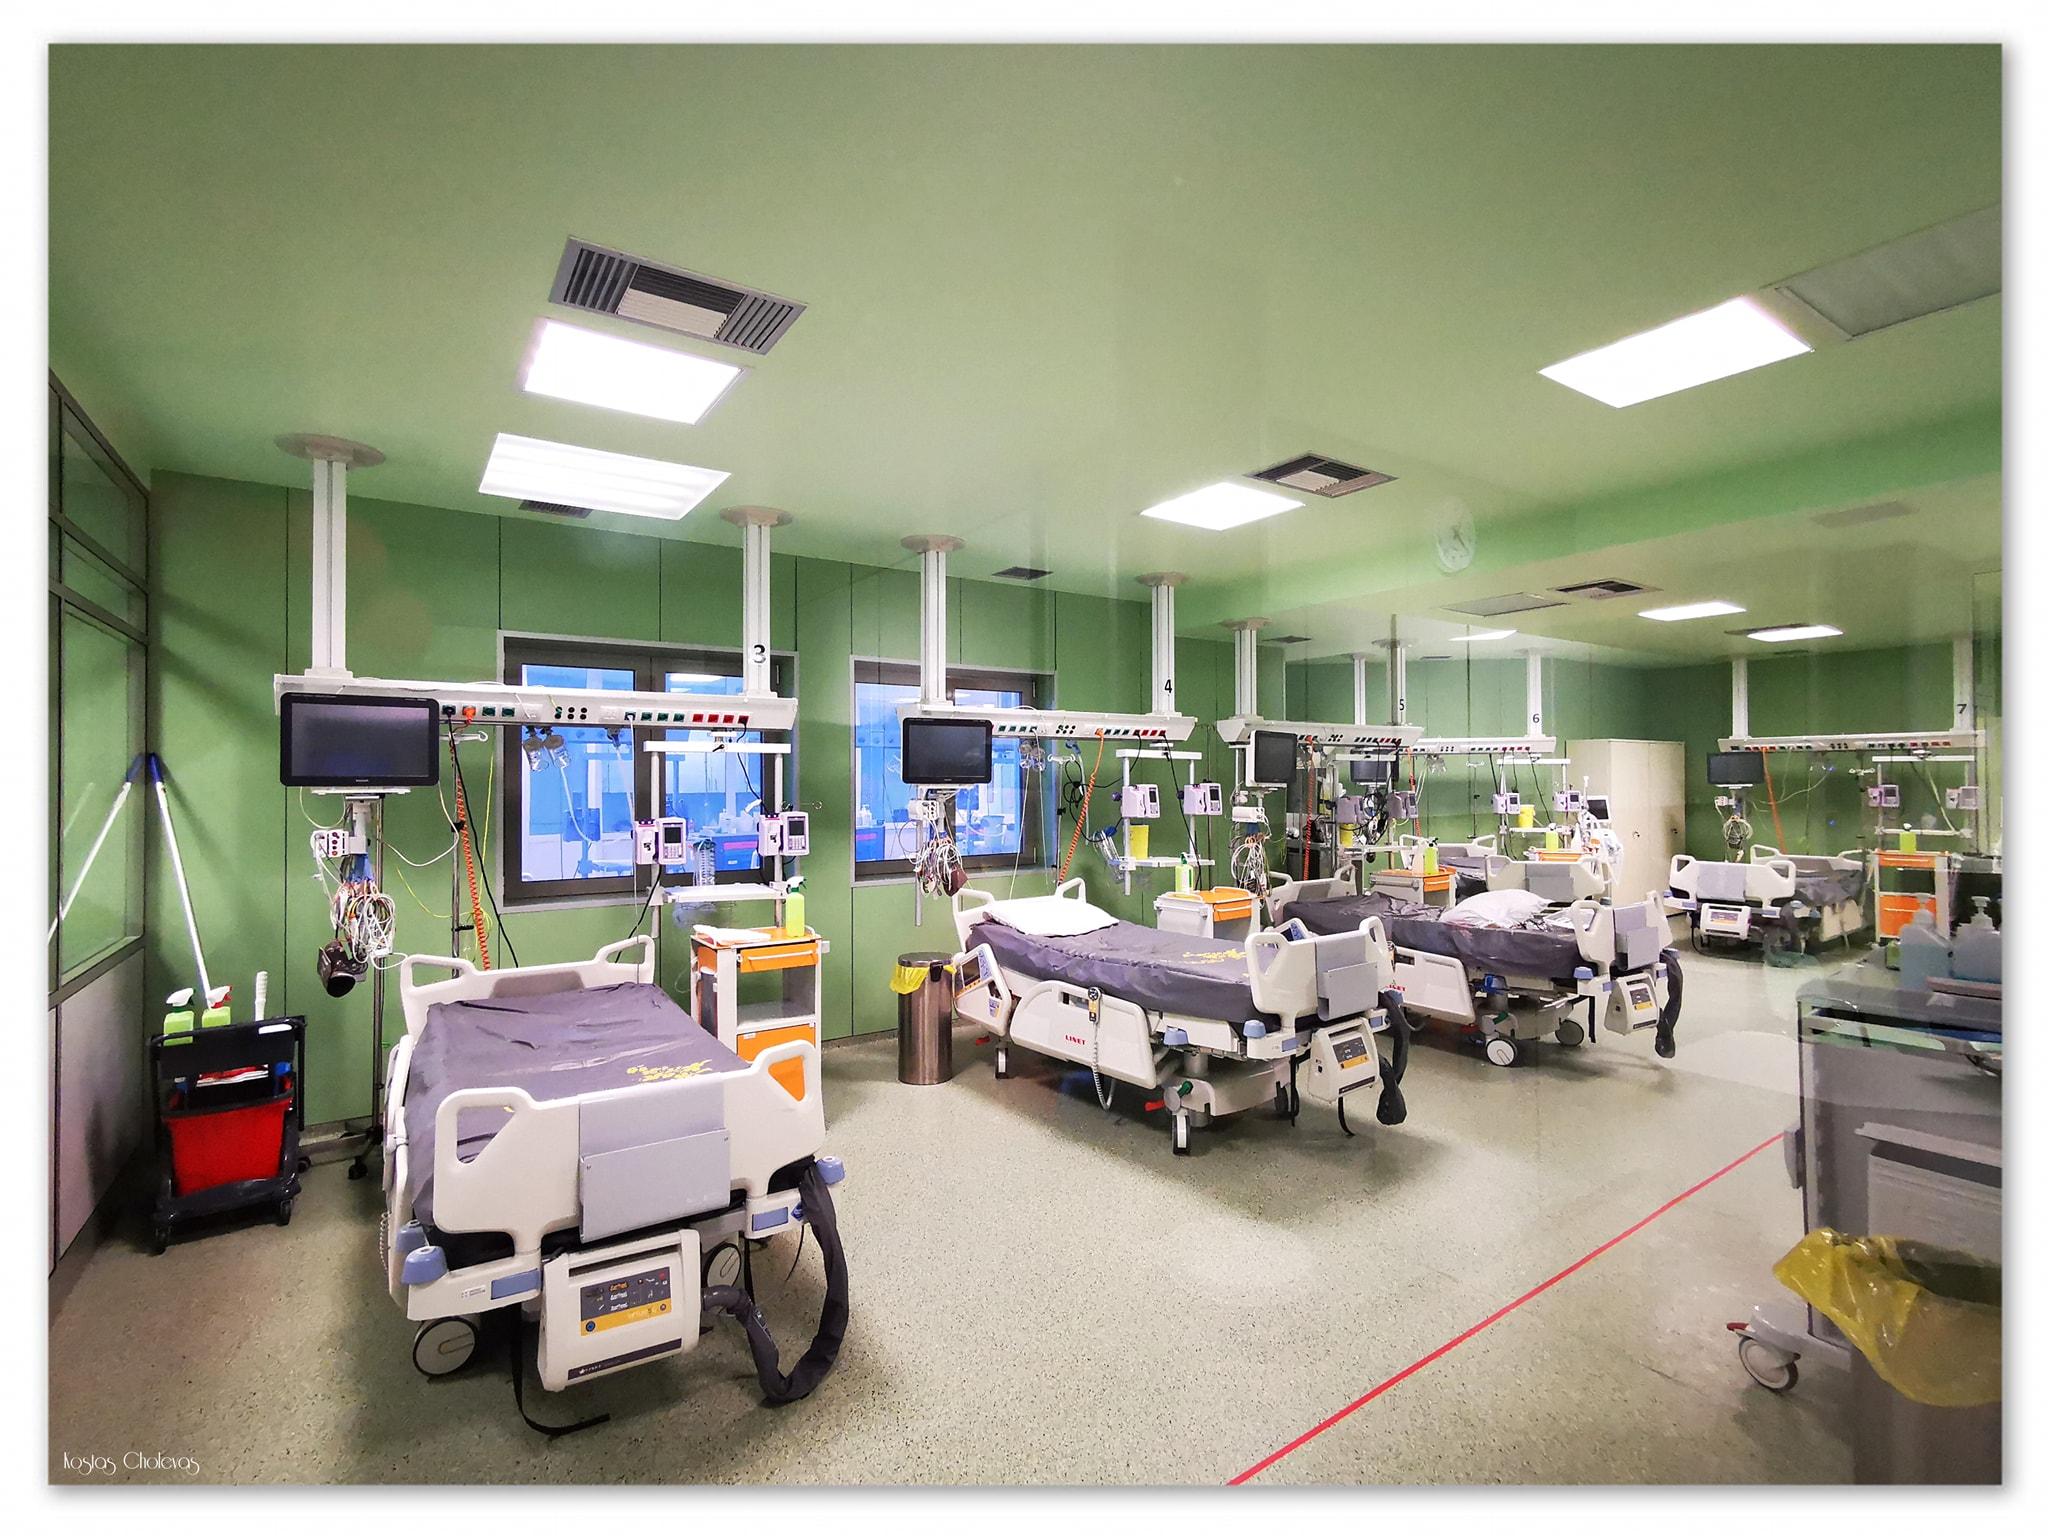 Ενεργοποιείται δεύτερη ΜΕΘ COVID στο Πανεπιστημιακό Νοσοκομείο Ιωαννίνων